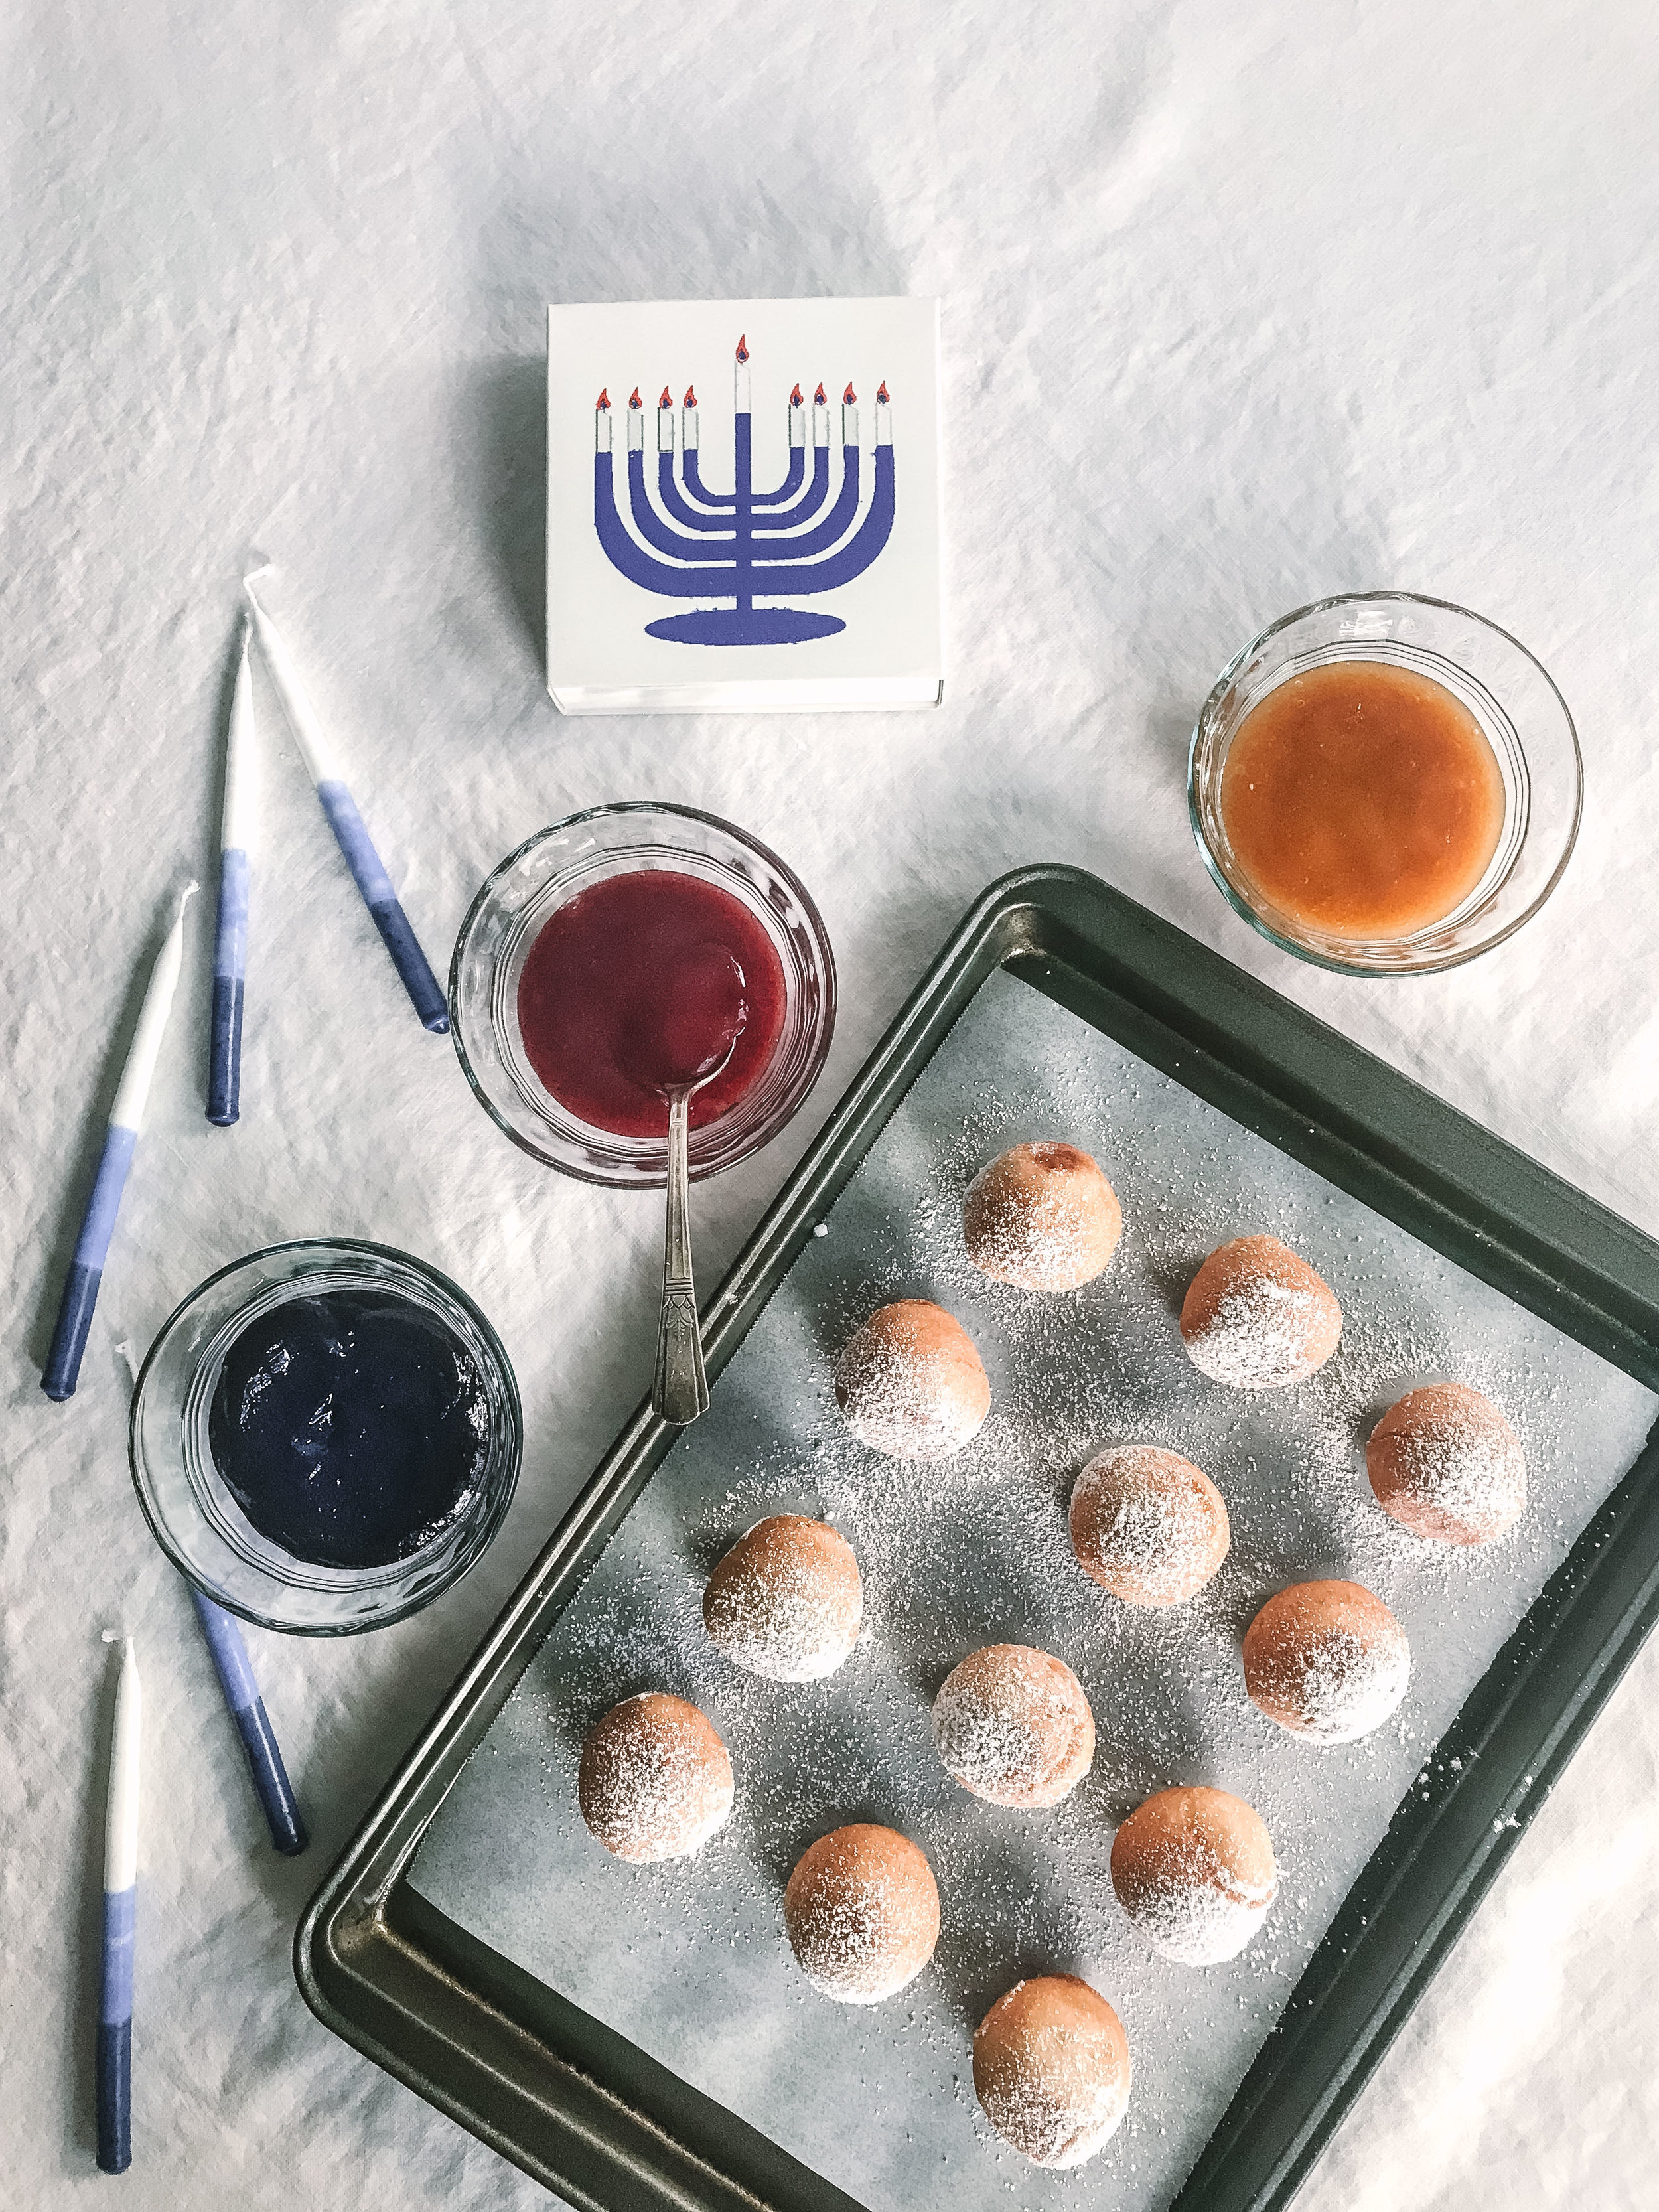 Hanukkah mochi doughnuts